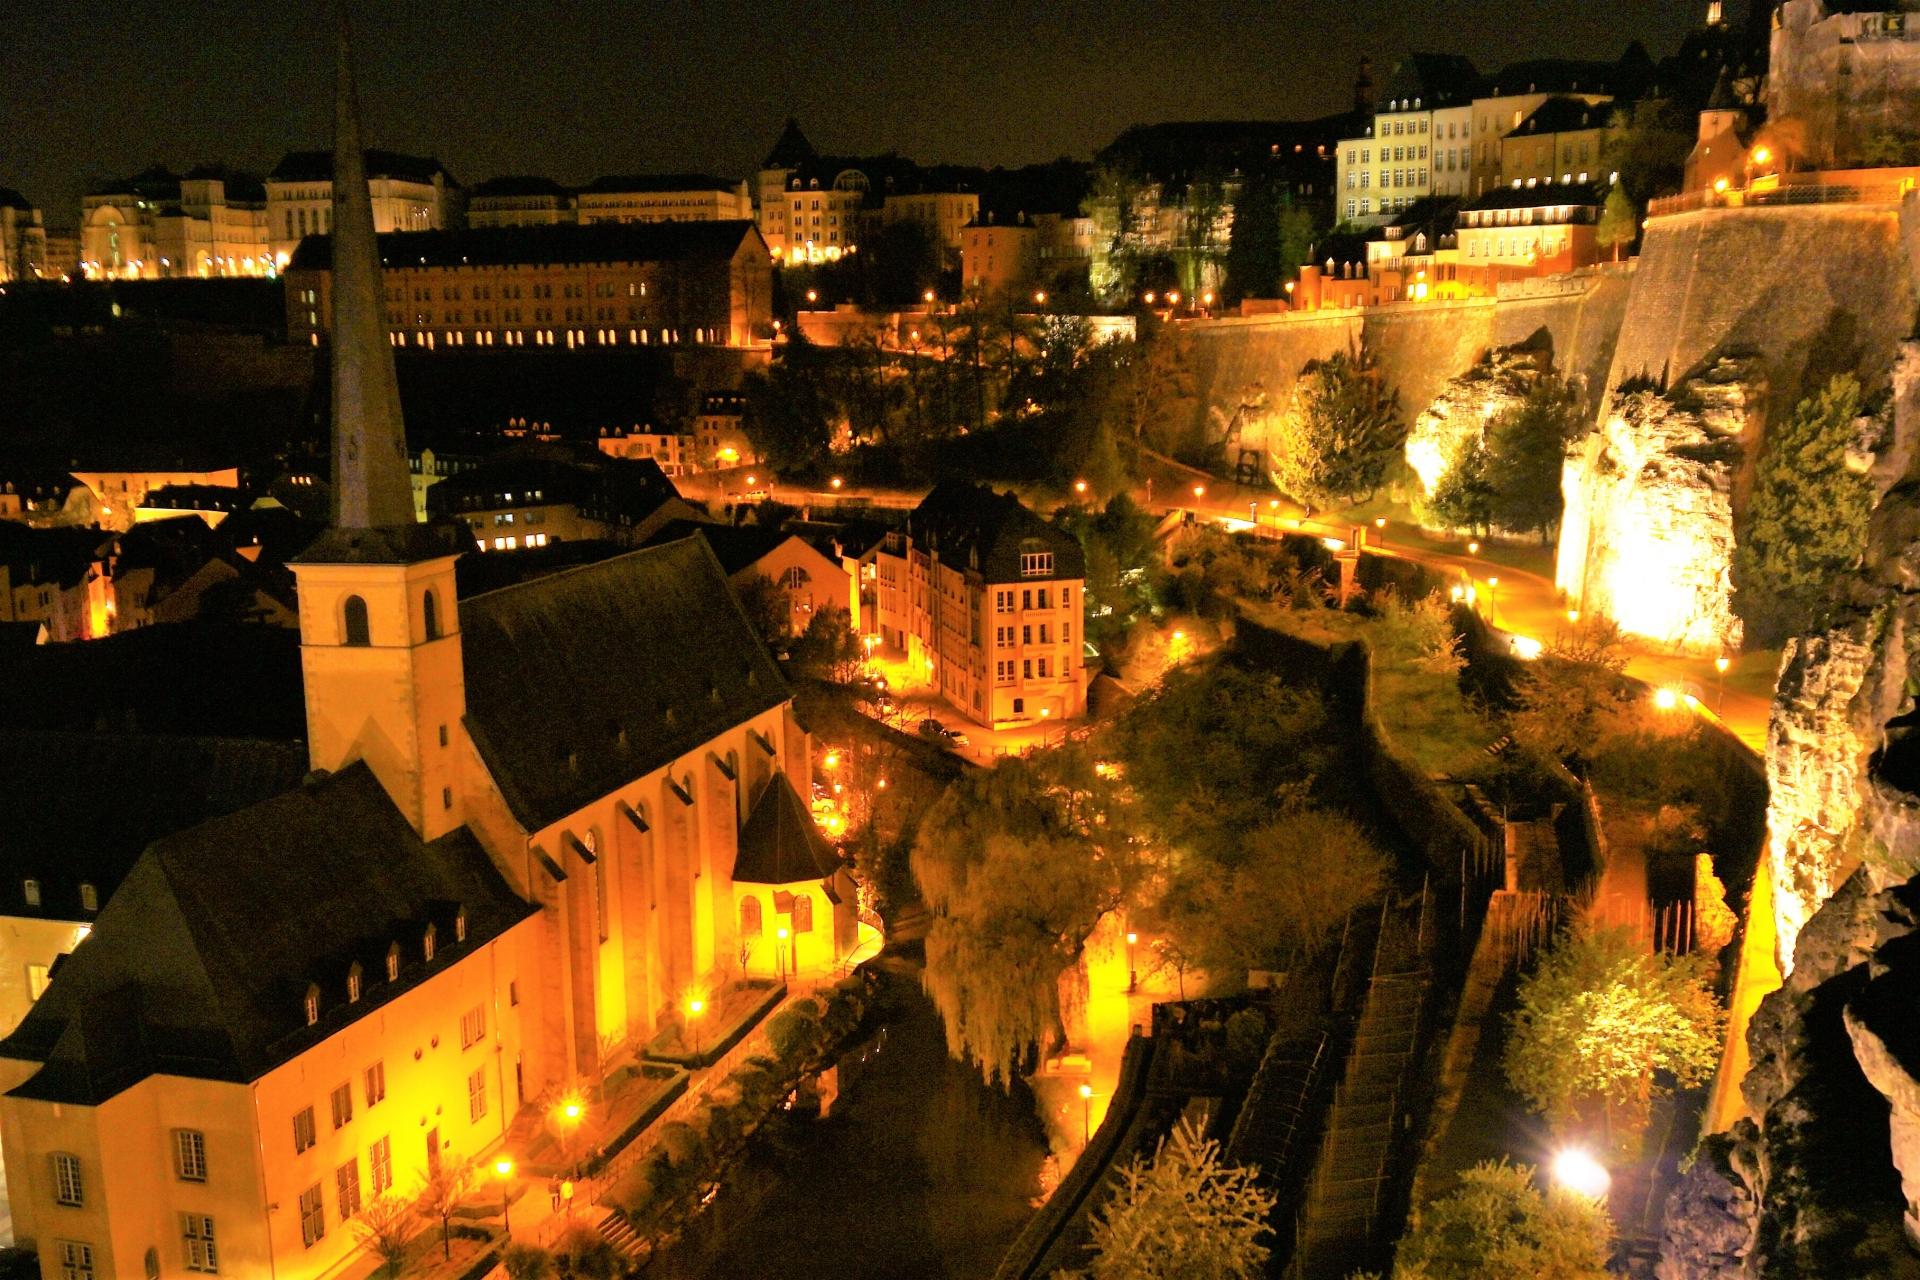 ルクセンブルク観光ランキング11選!人気名所やおすすめスポットも